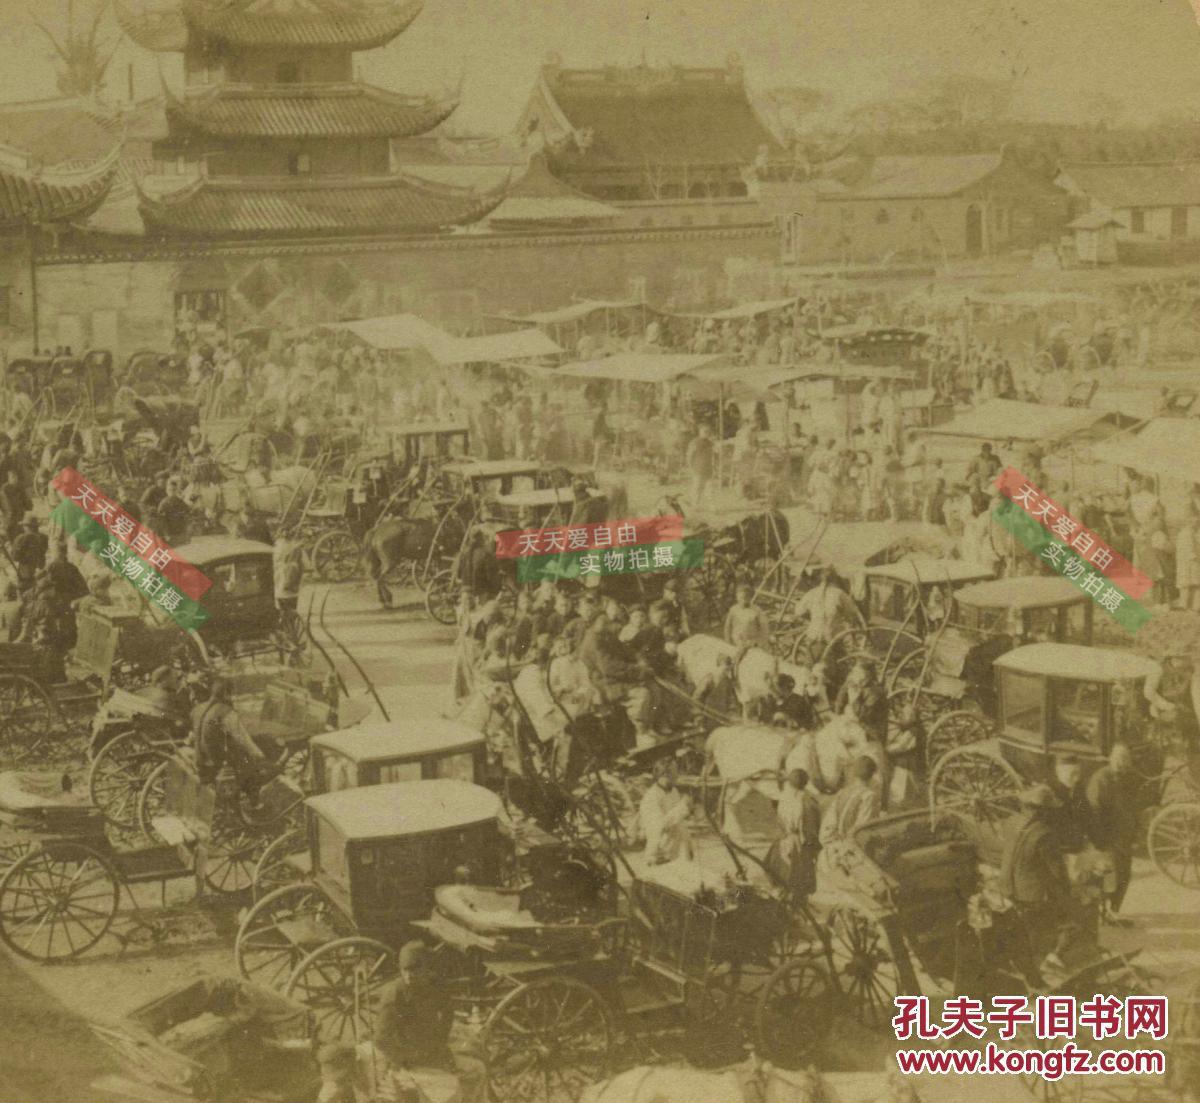 民国时期立体照片---清代上海三月三桃花节节日时龙华寺外热闹的集市